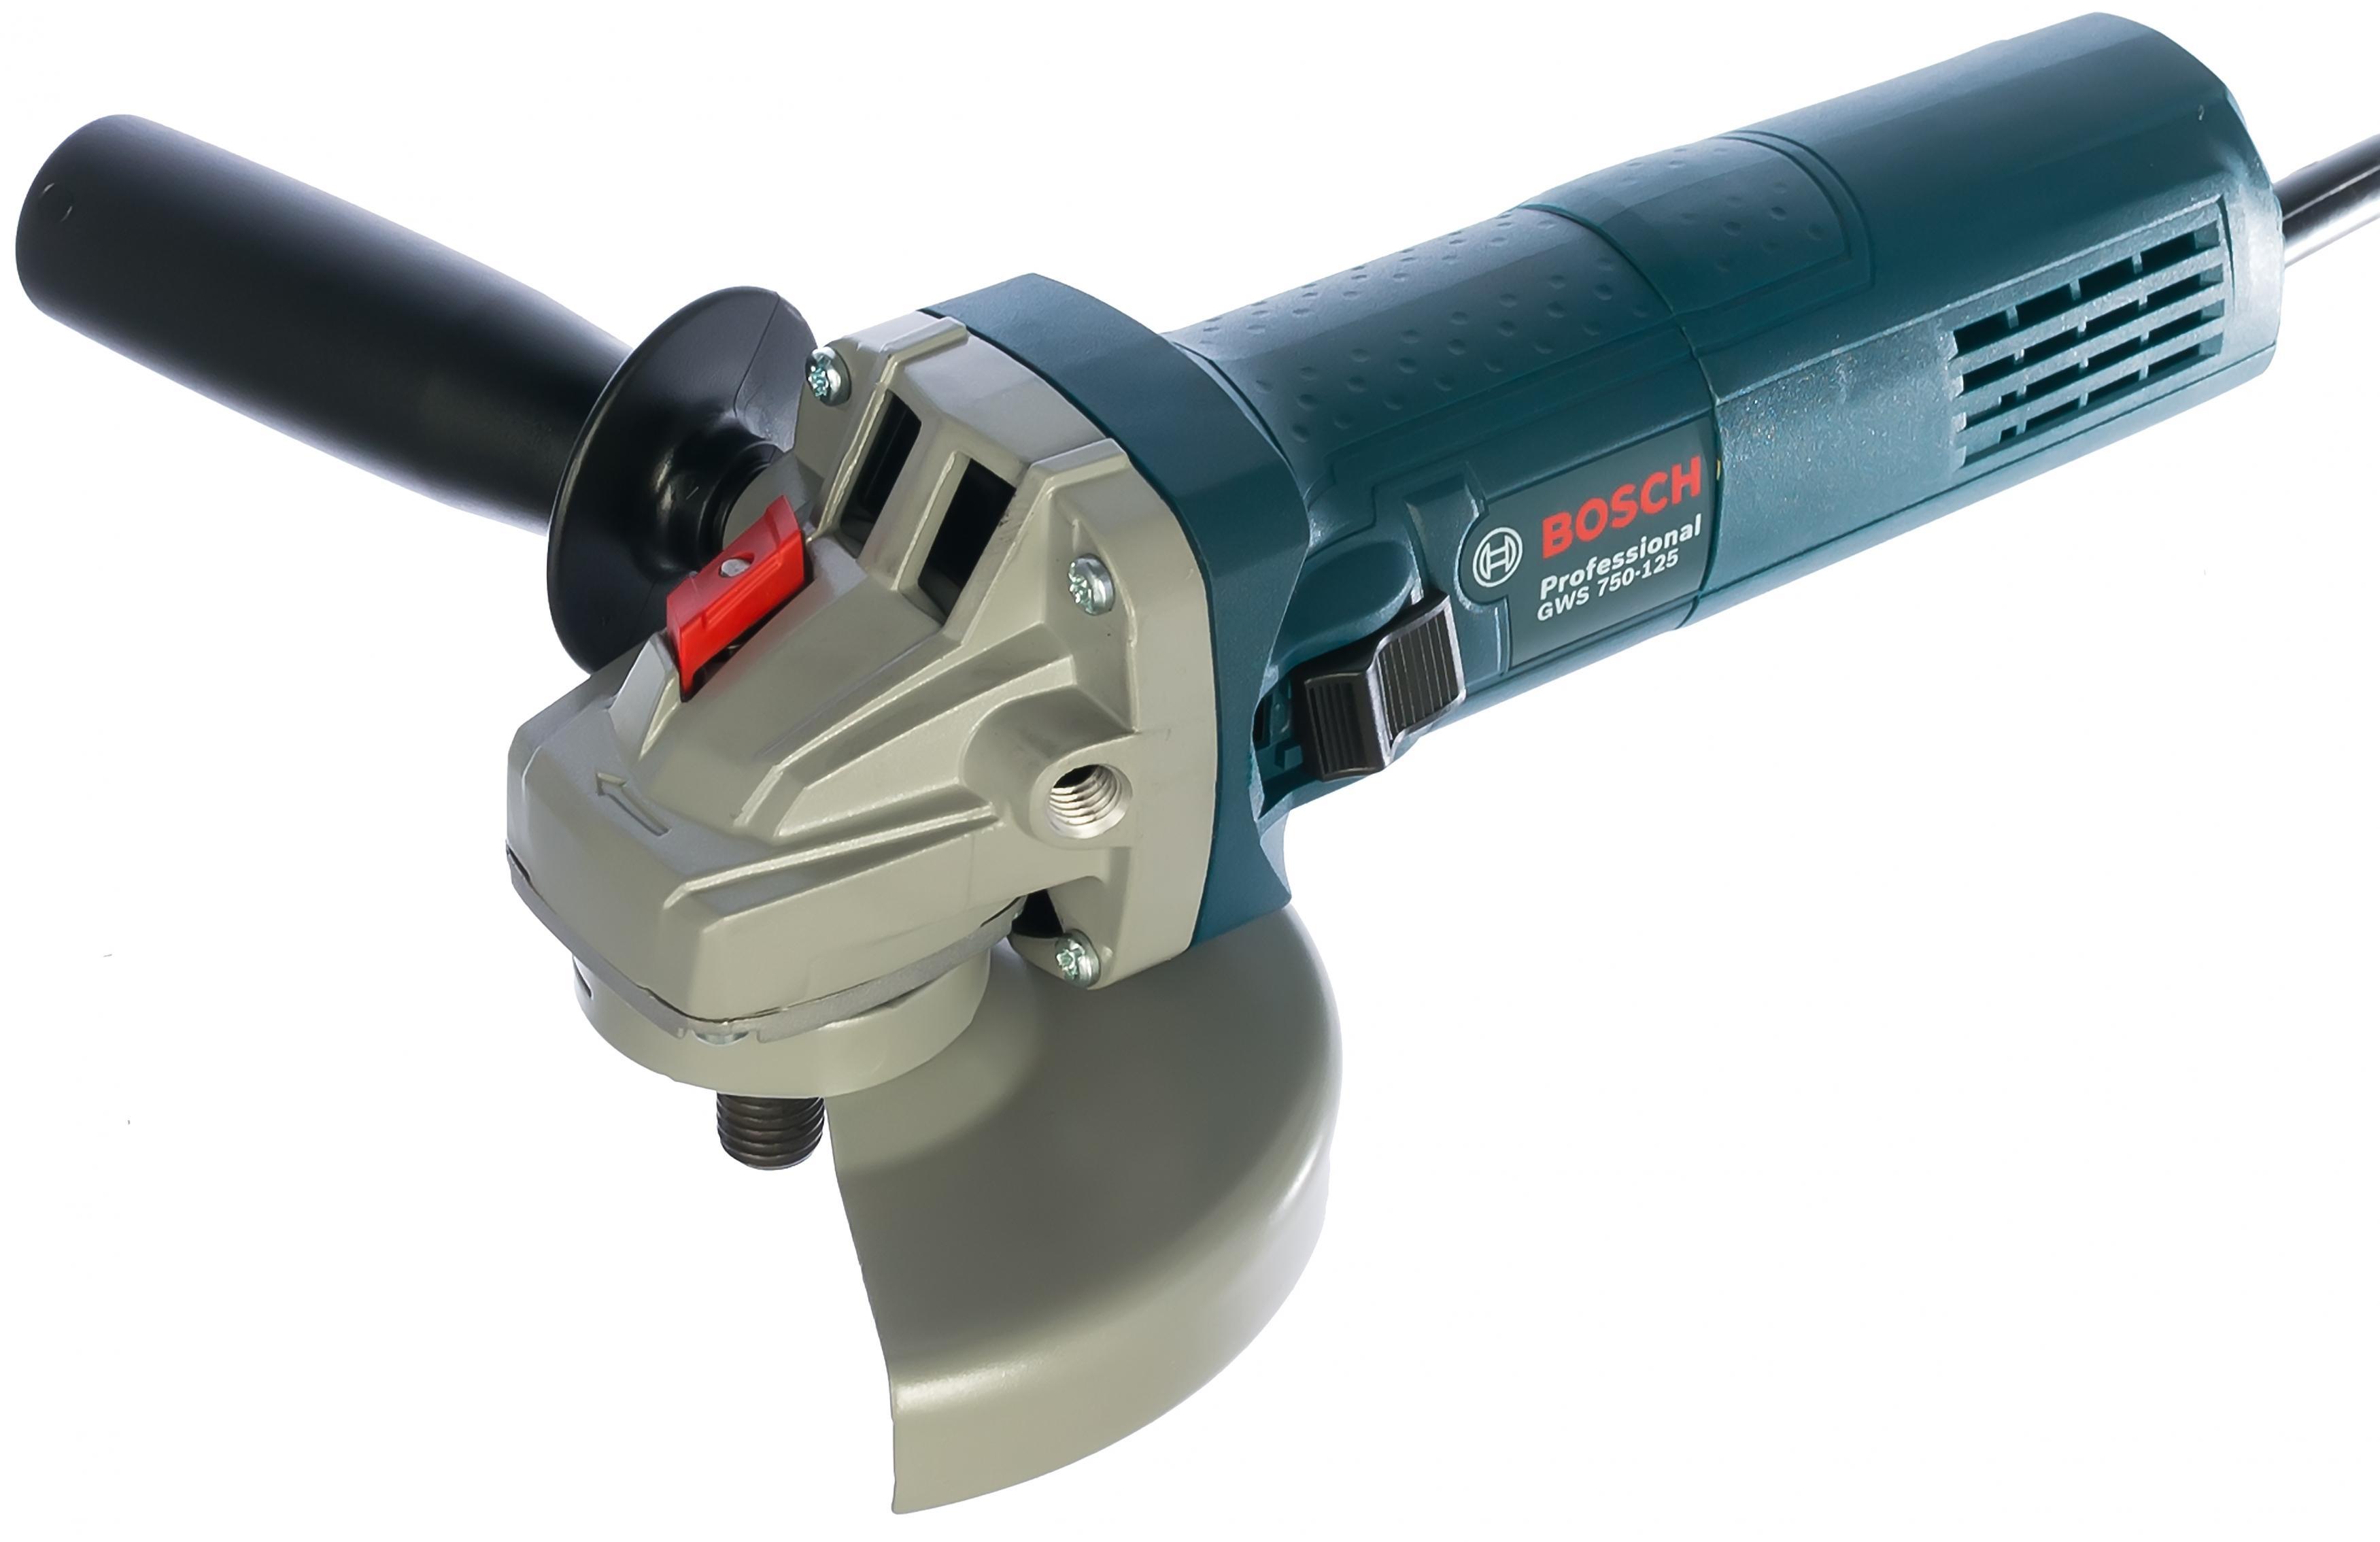 УШМ (болгарка) Bosch Gws 750-125 (0.601.394.0r3) болгарка bosch gws 1000